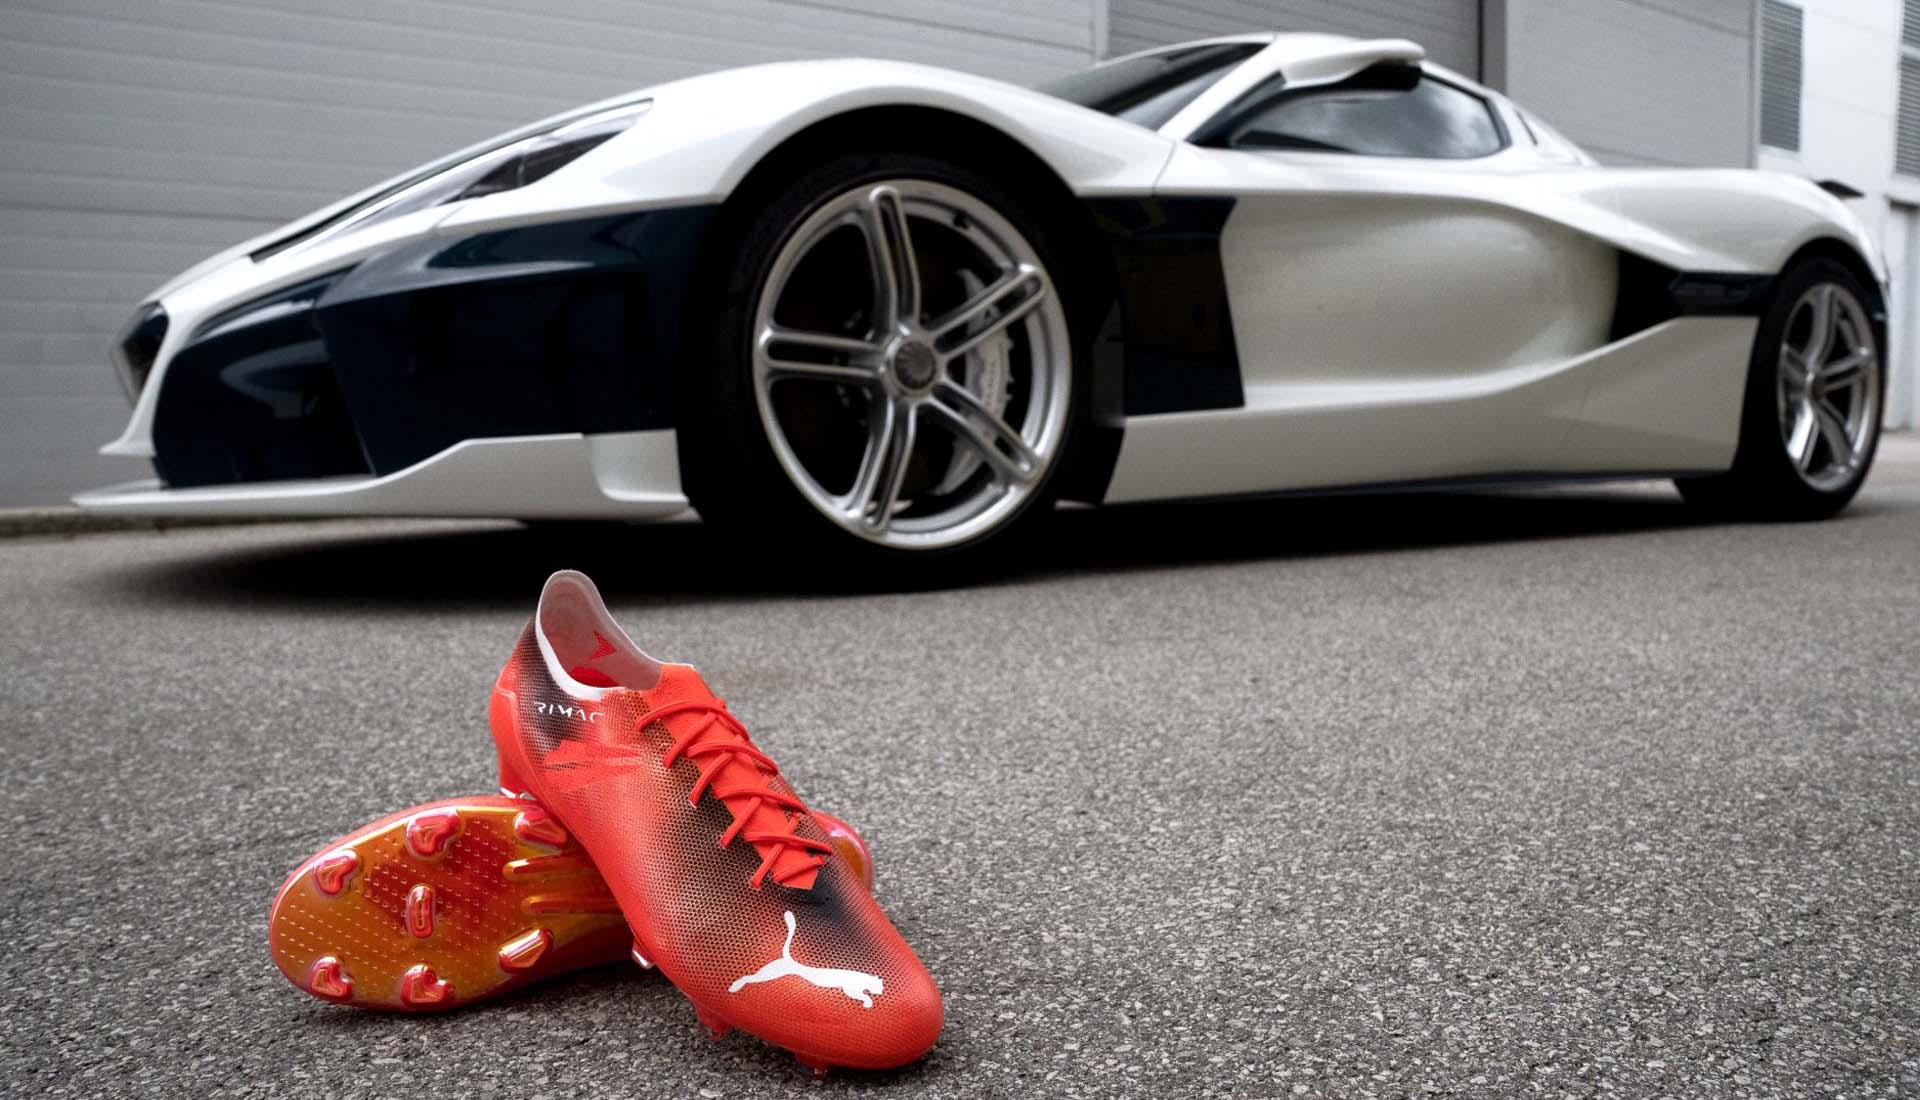 Mẫu giày đá bóng siêu nhẹ được đặt tên theo tên của siêu xe nhanh nhất thế giới